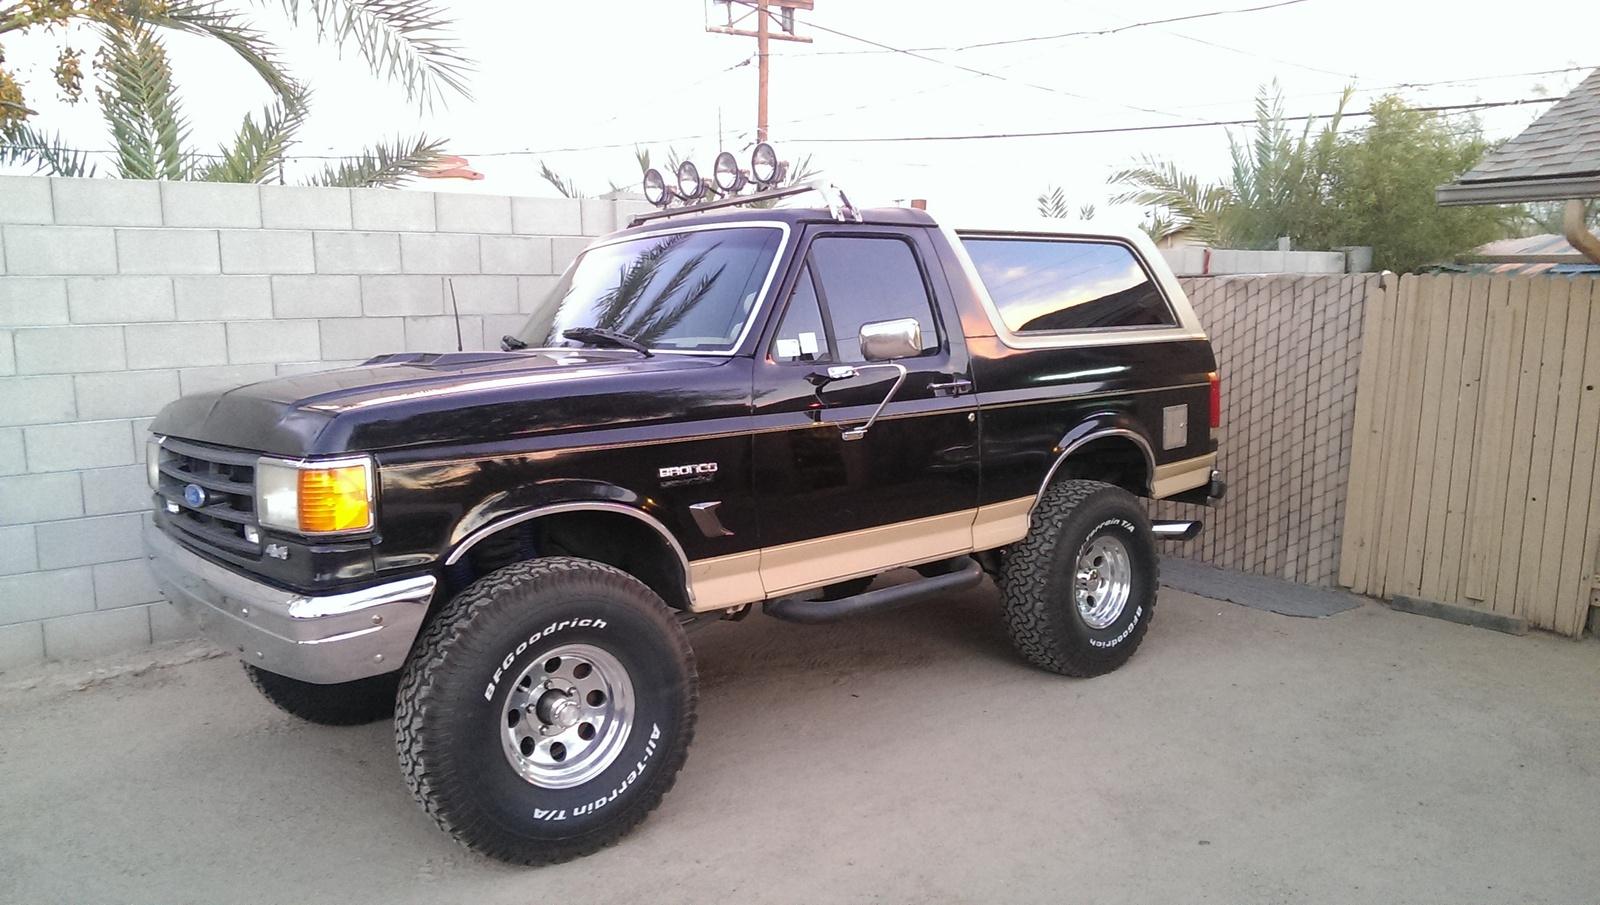 1990 Ford Bronco - Pictures - CarGurus